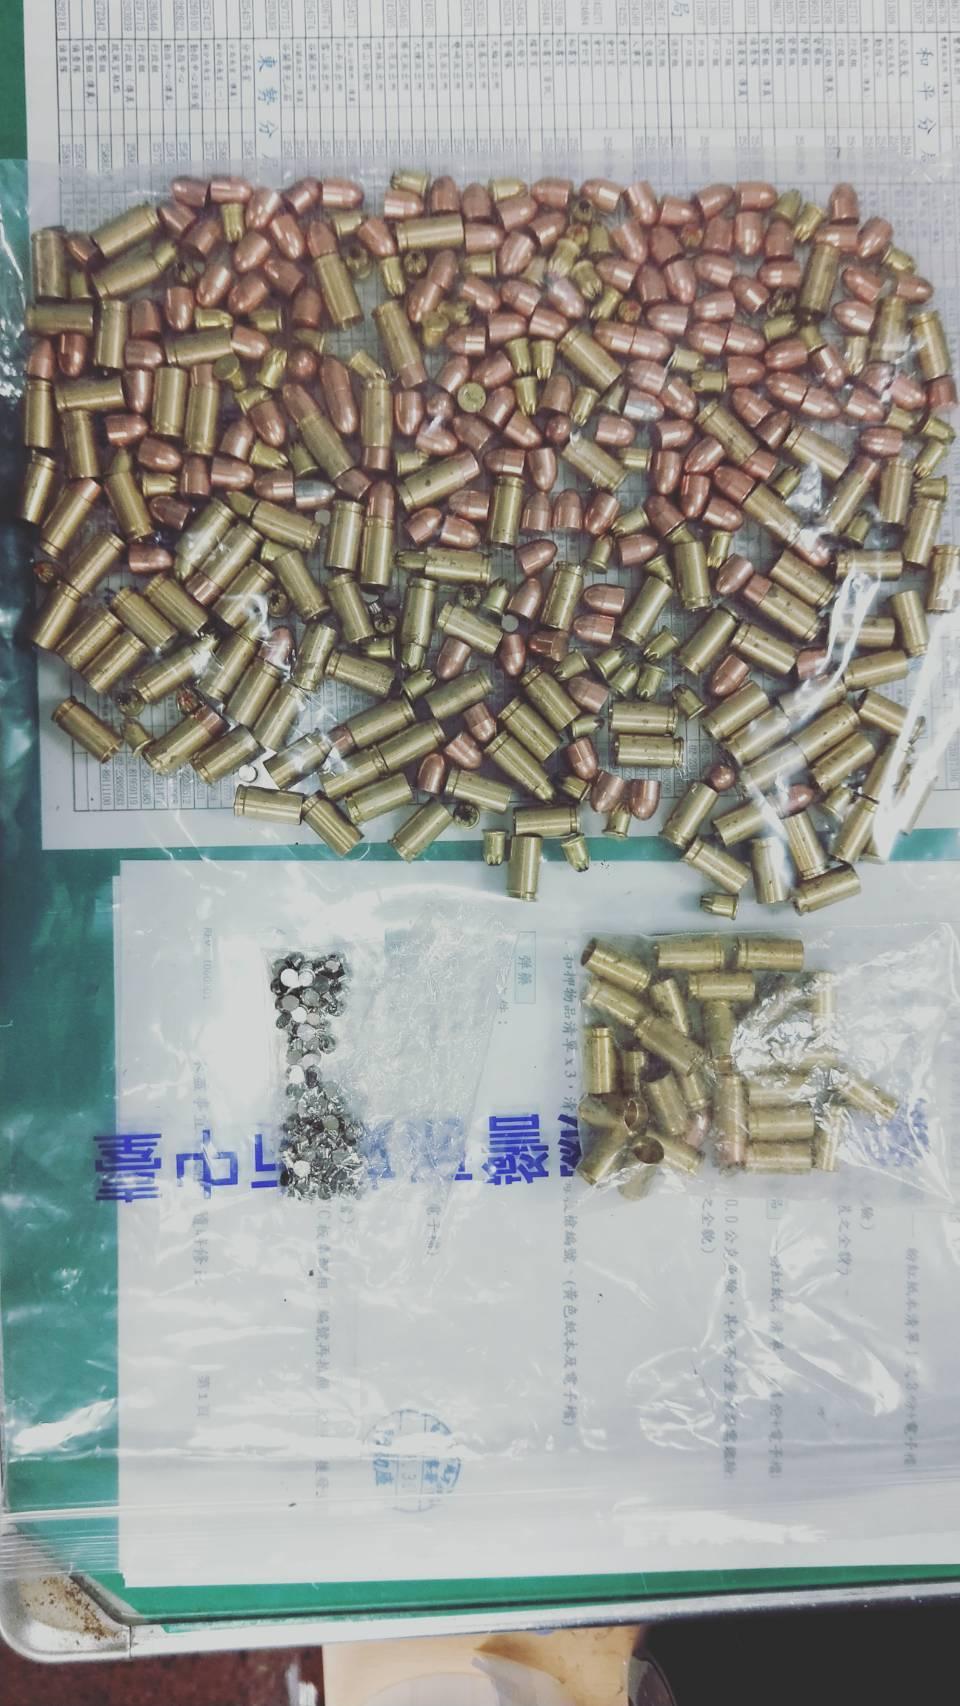 台中市外埔區邱姓男子持有大量子彈、改造手槍、毒品,昨晚在住處被警方查獲200多顆...